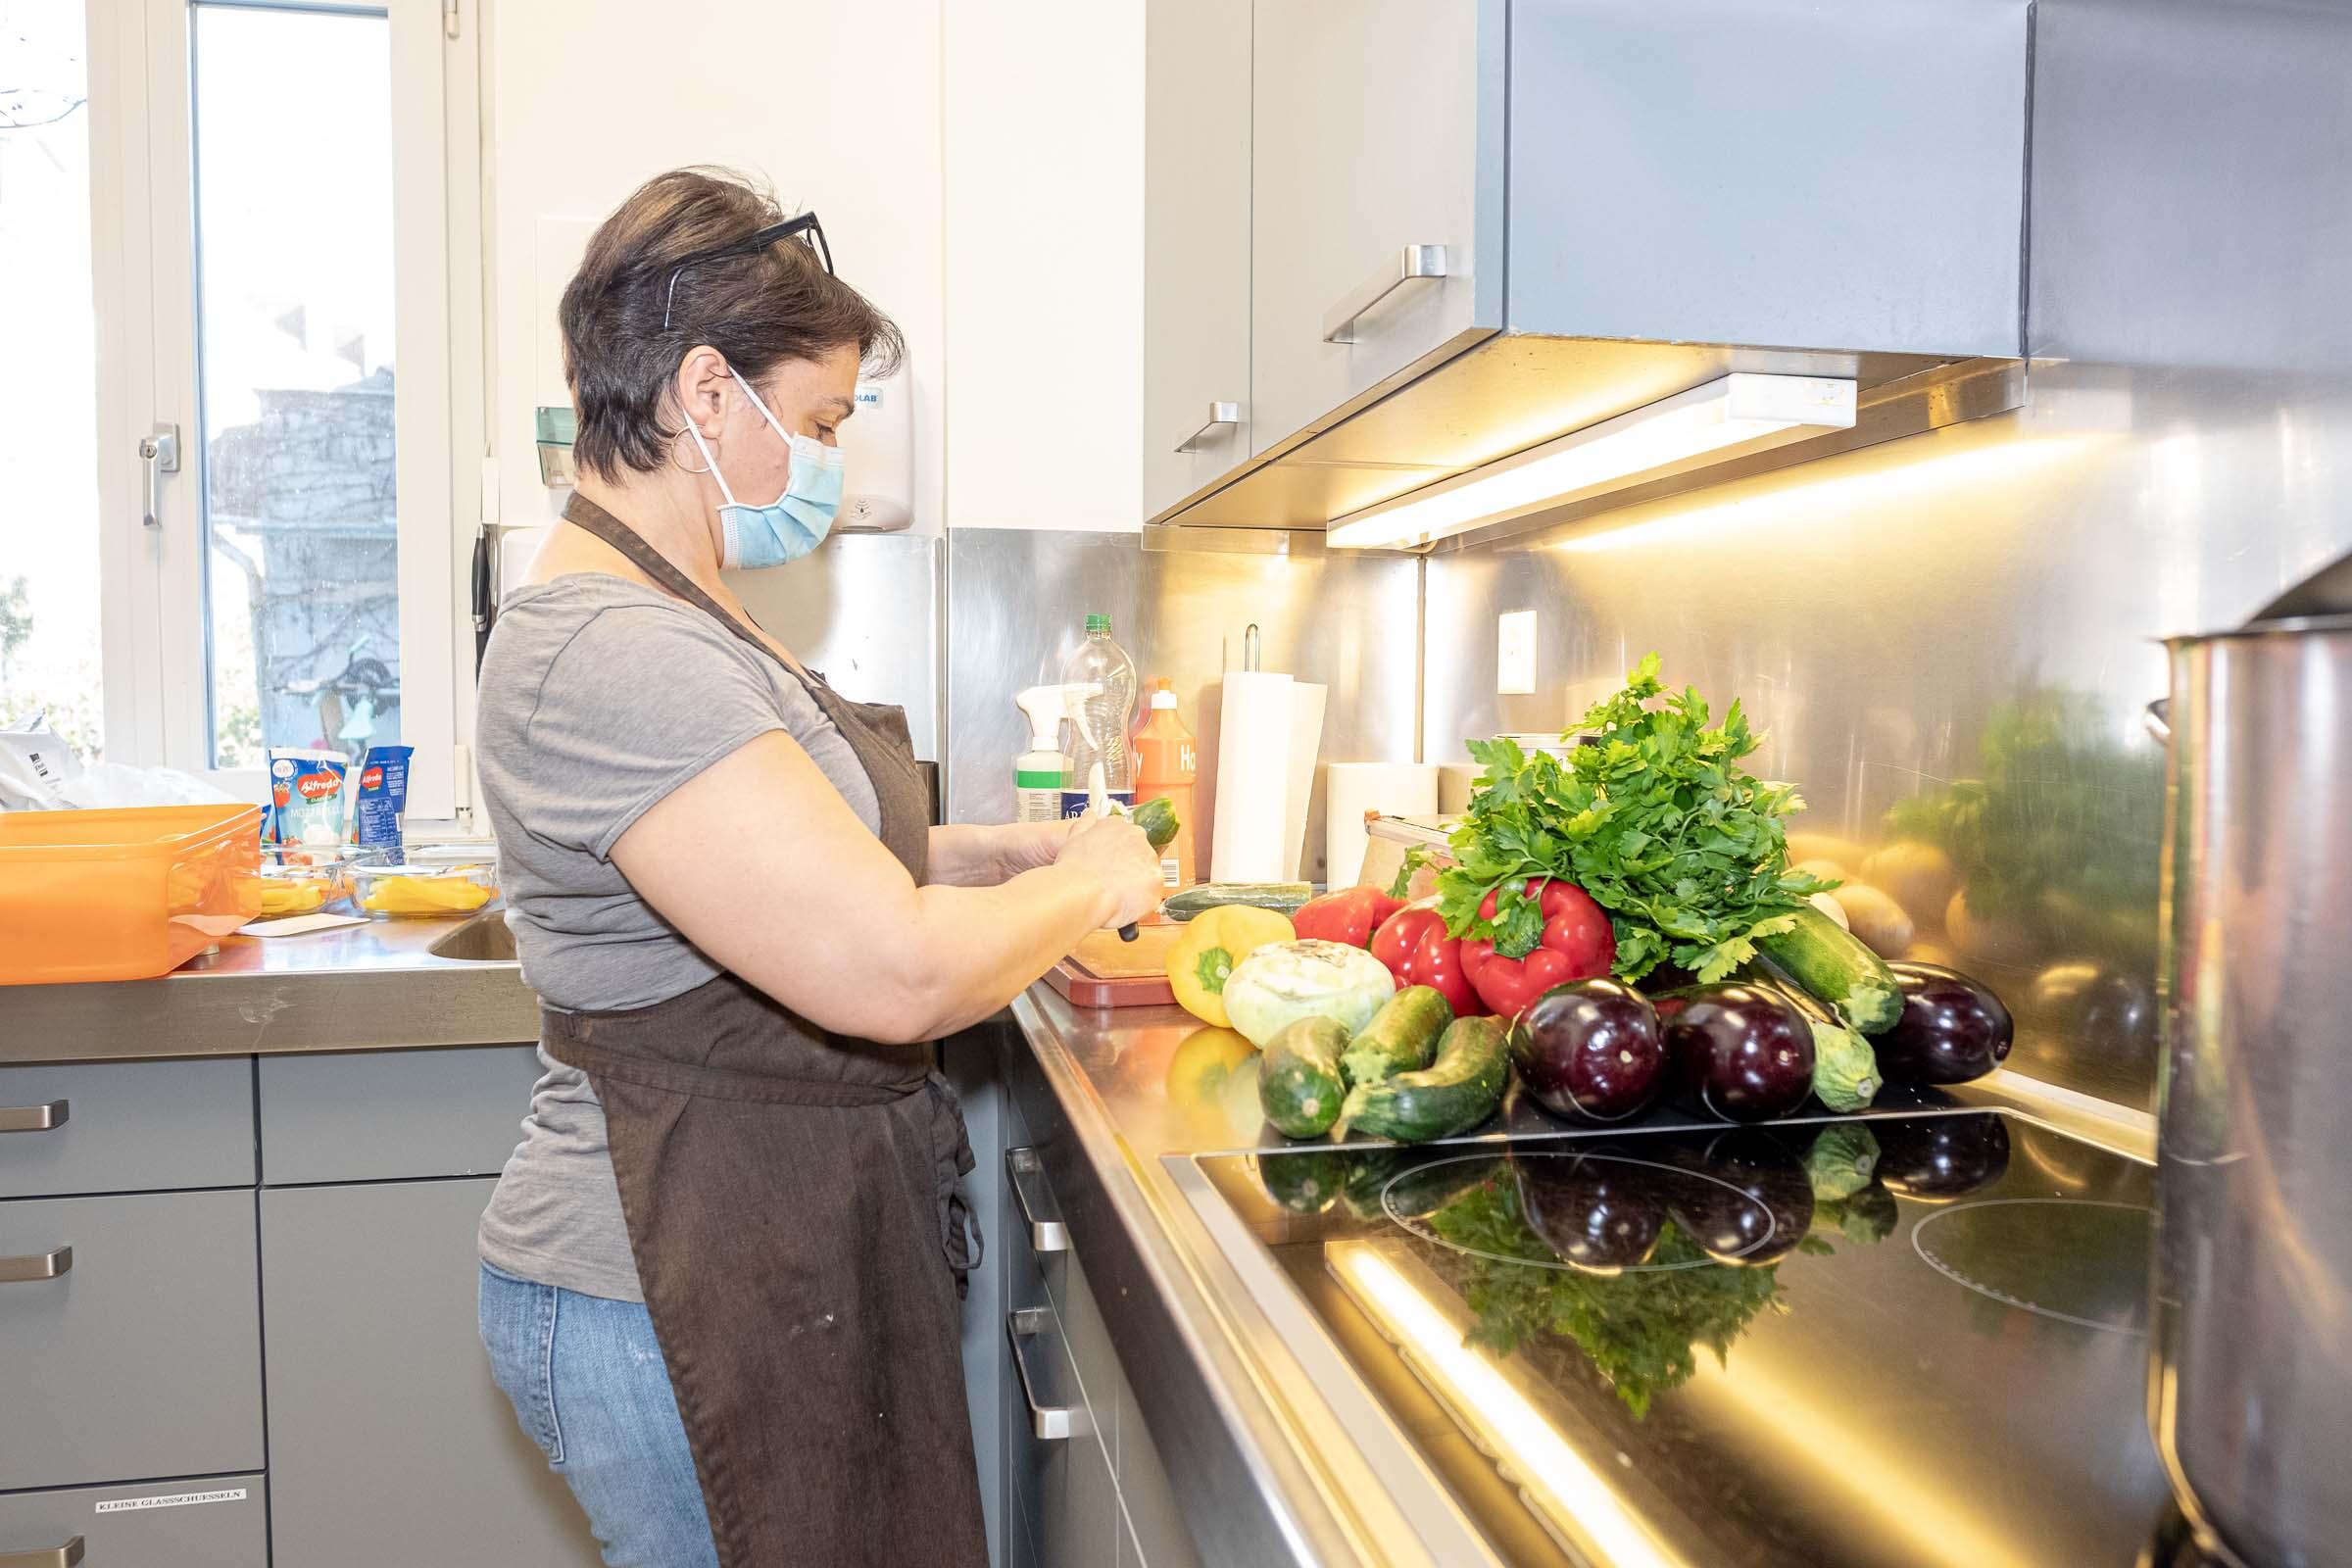 Köchin bereit gesunde Speisen zu